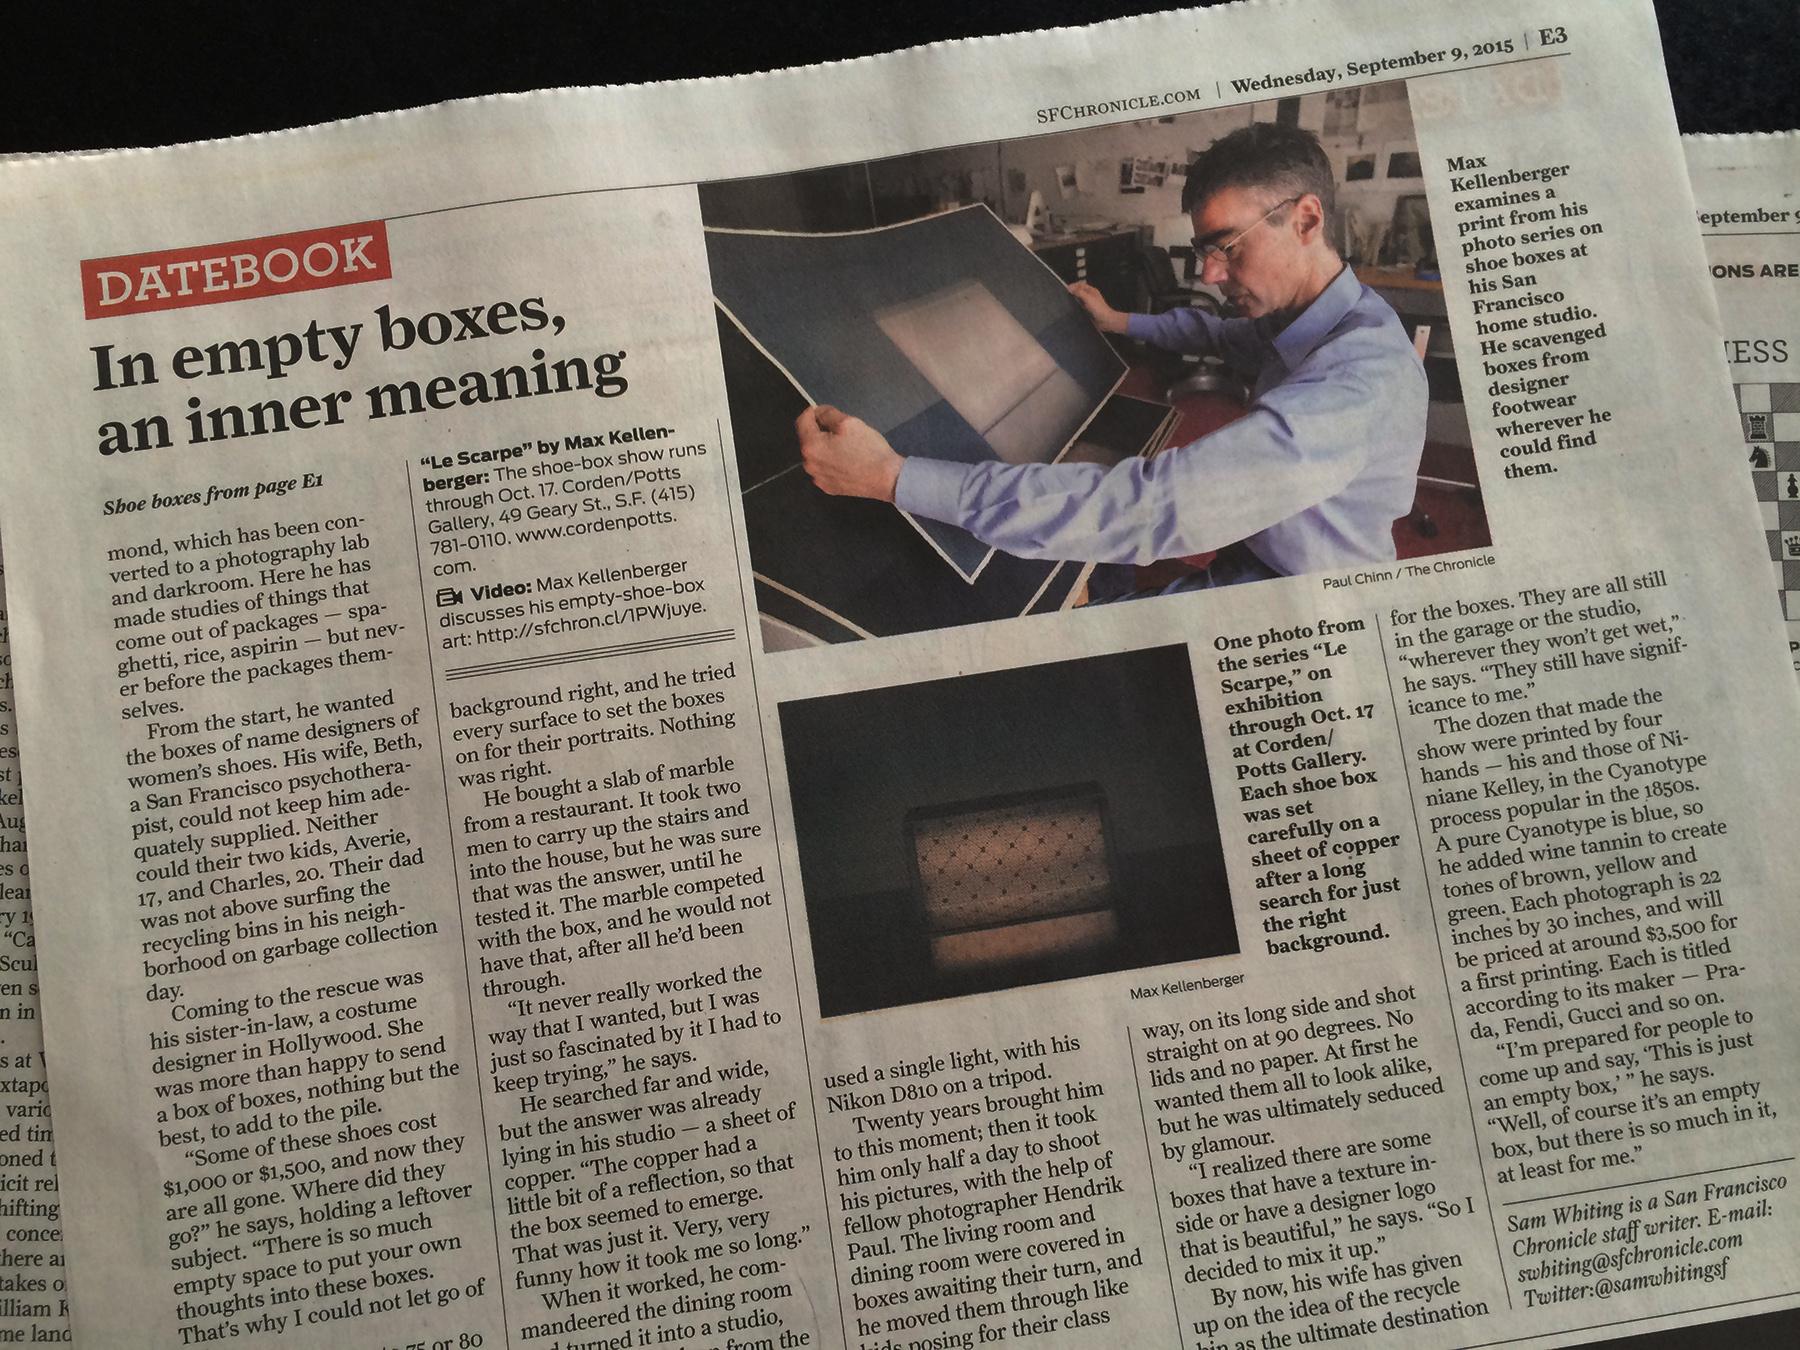 SF Chronicle - Article by Sam Whiting - Photos Paul Chinn